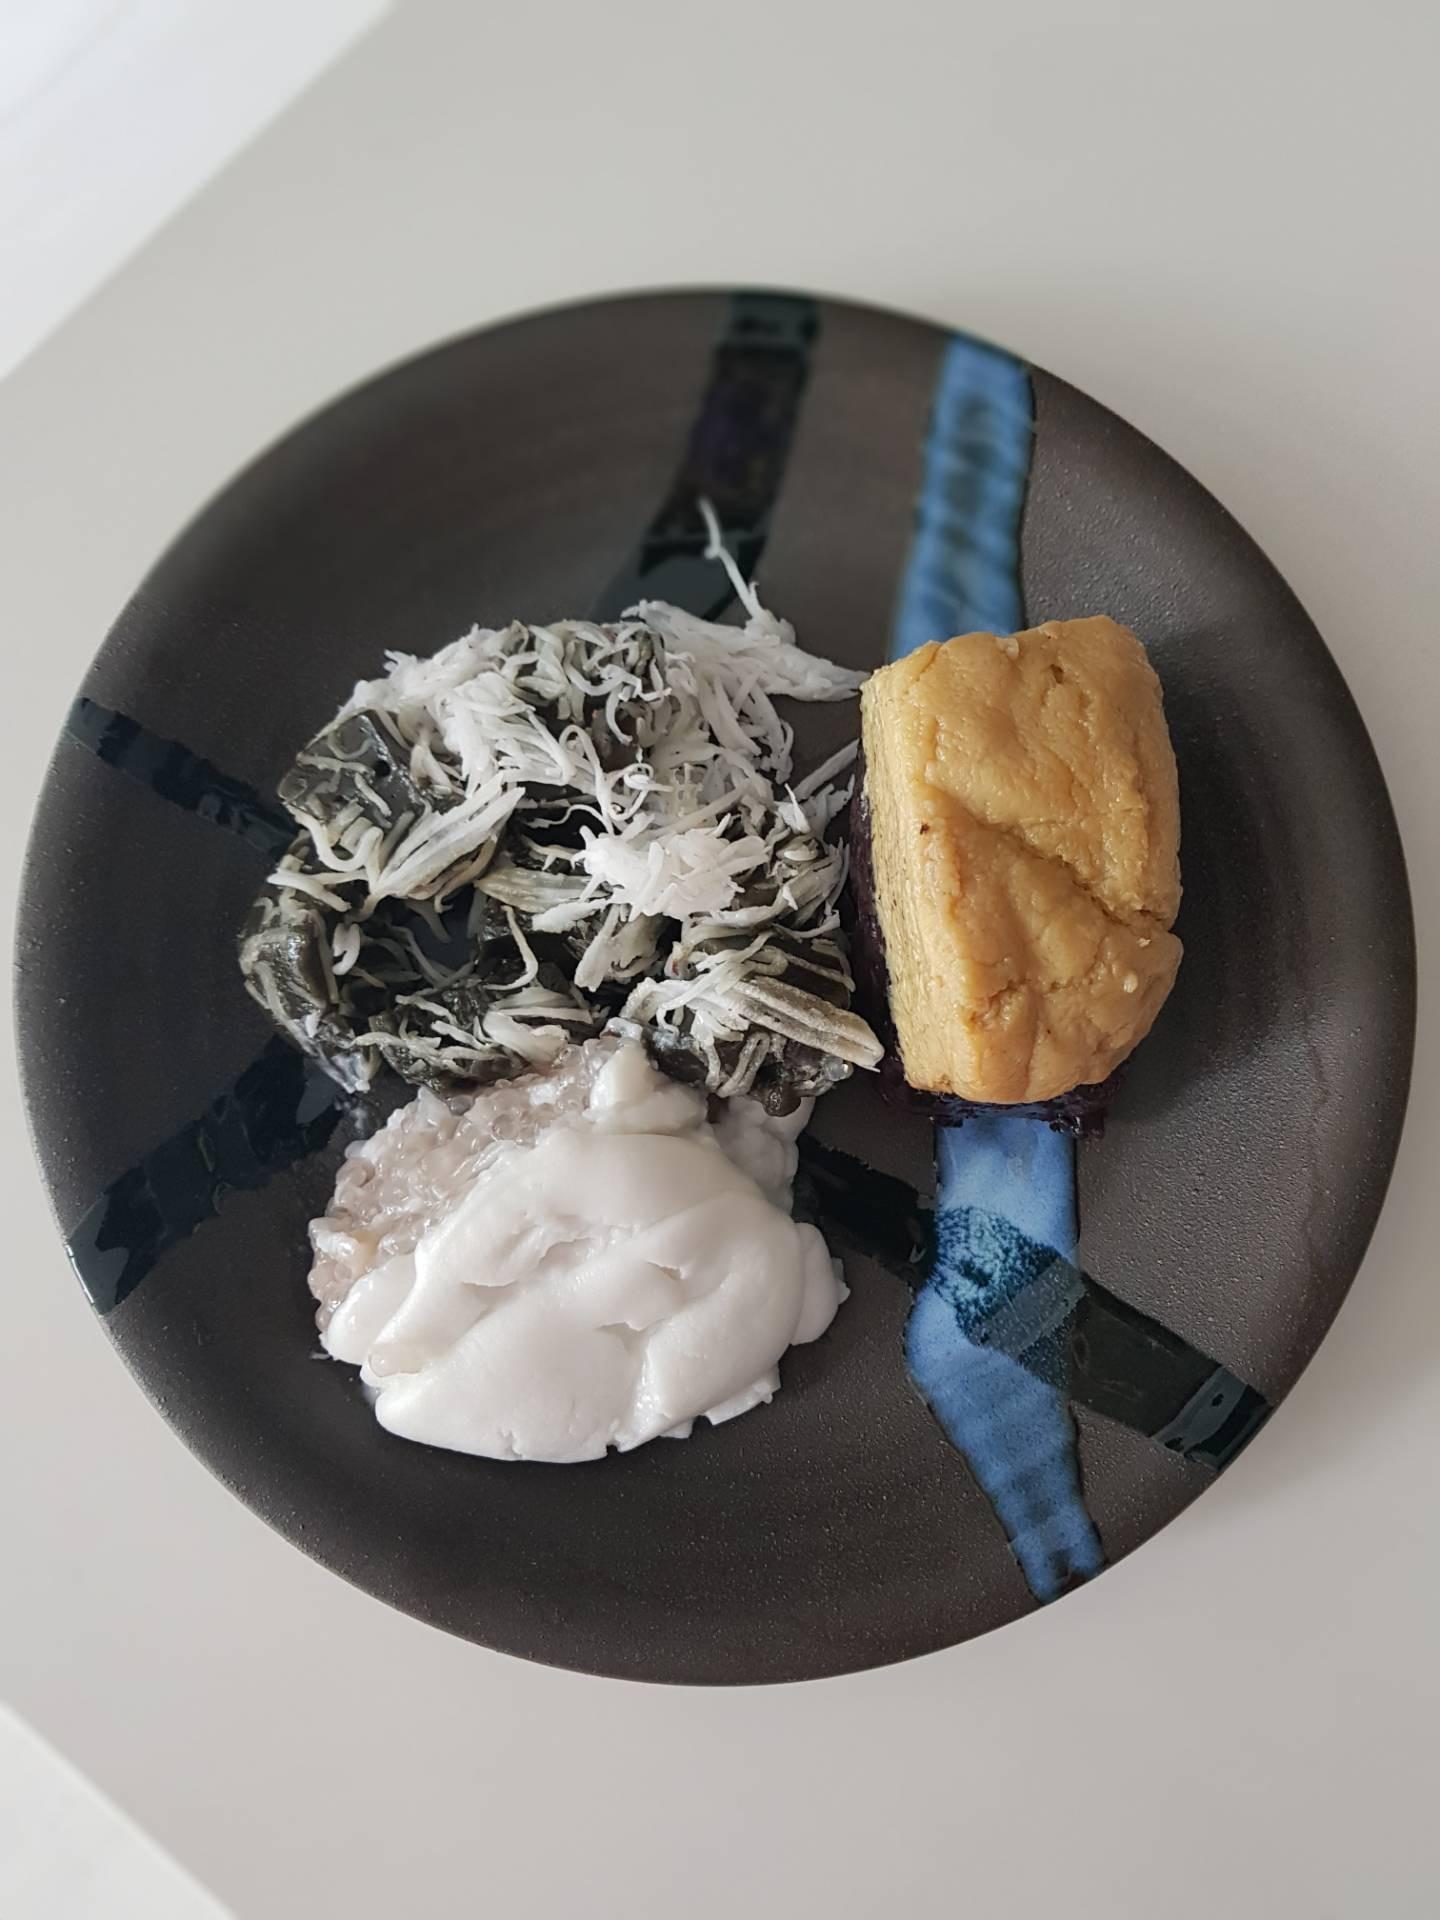 ขนมหวานมะลิวัลย์  ซอยอารีย์